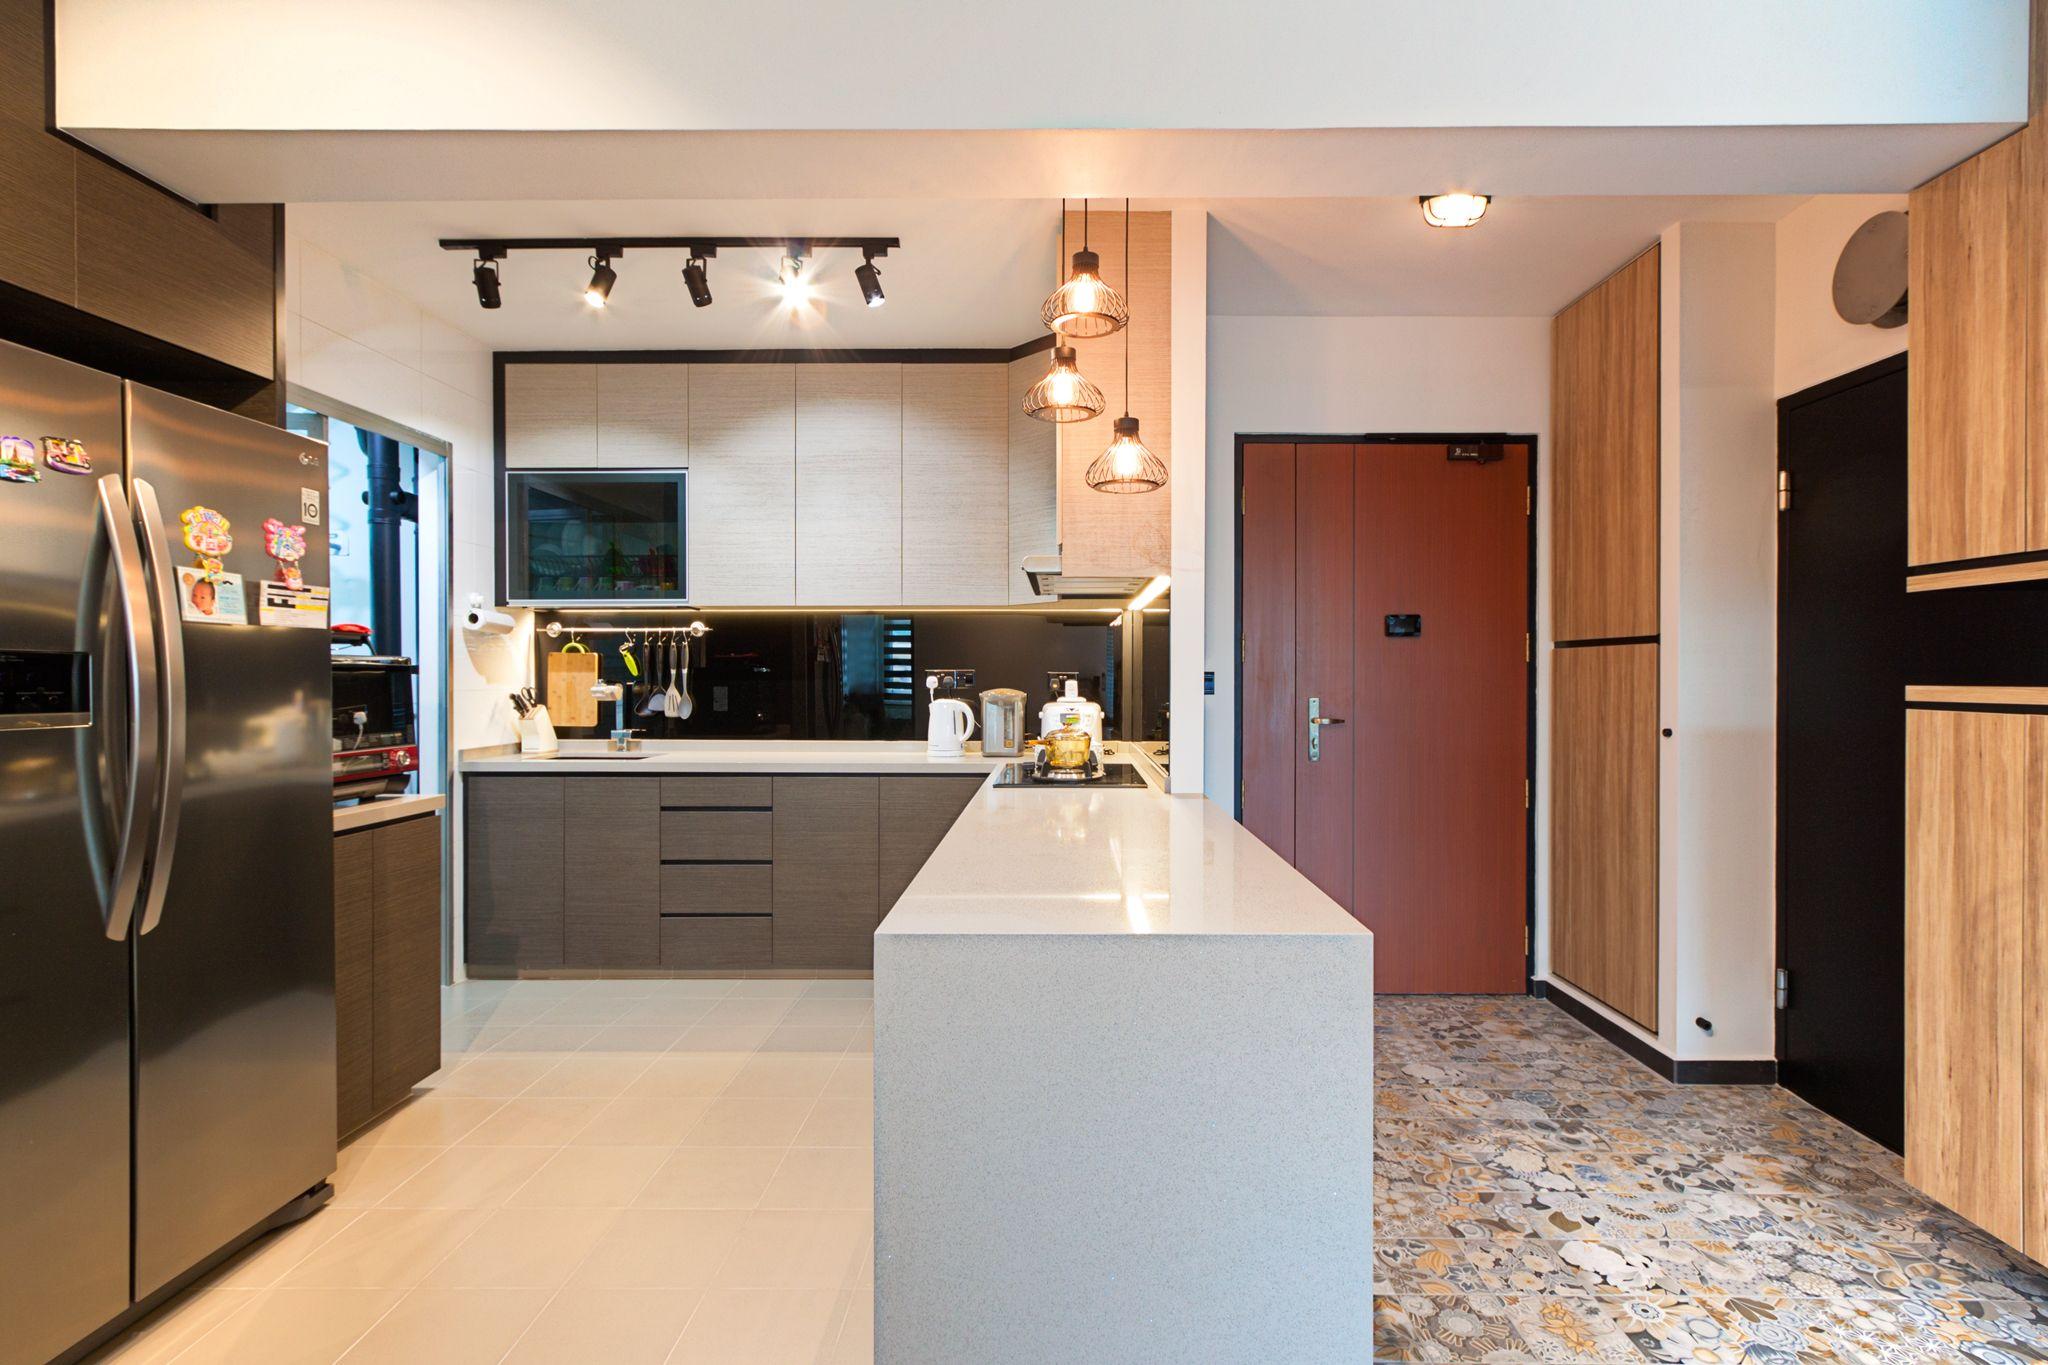 Kitchen Design 4 Room Hdb Flat